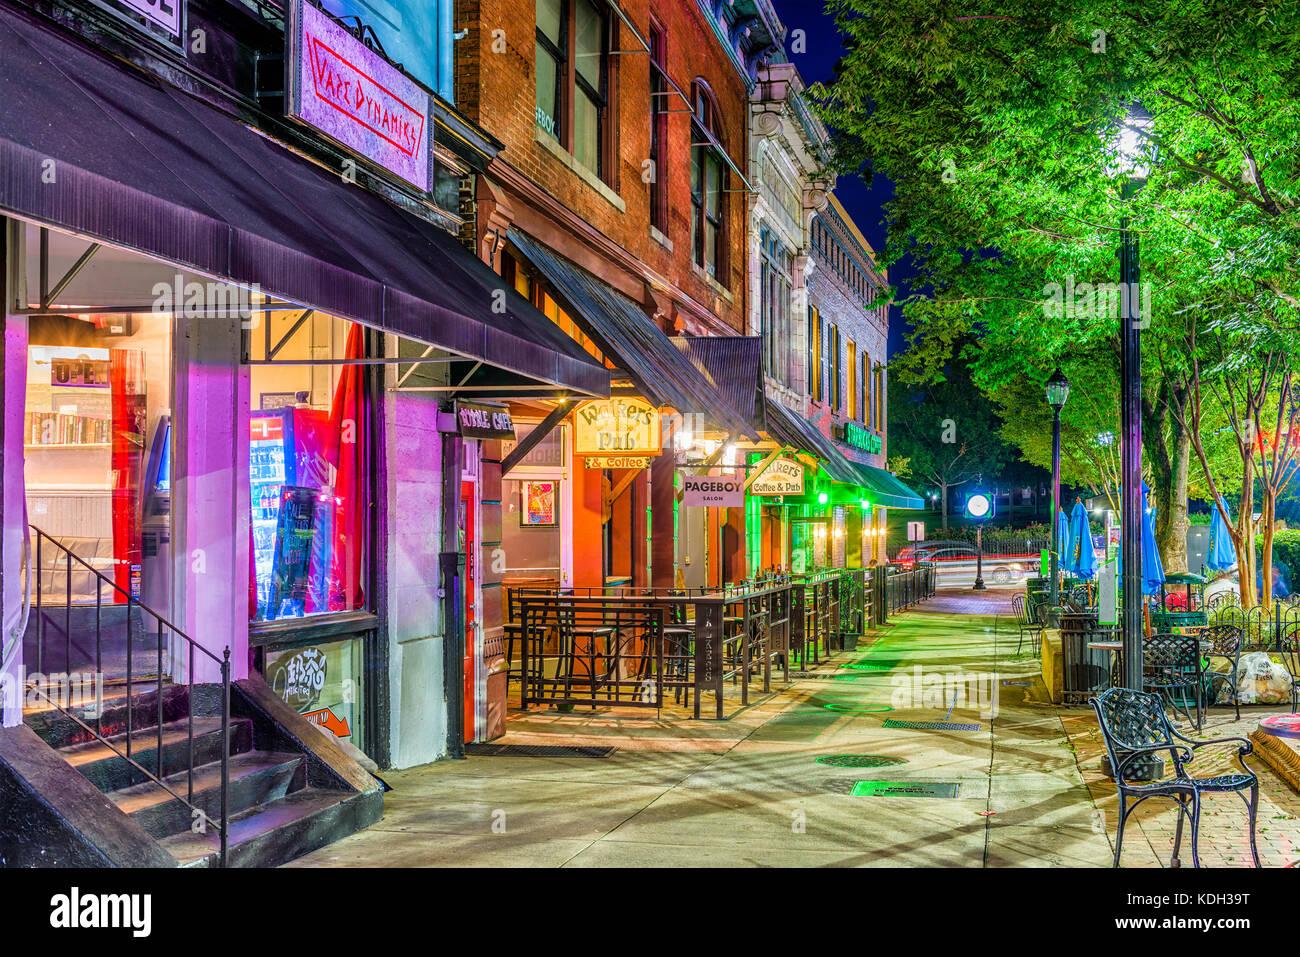 Atene, la Georgia - agosto 13, 2017: negozi e bar lungo college avenue nel centro cittadino di Atene di notte. Immagini Stock